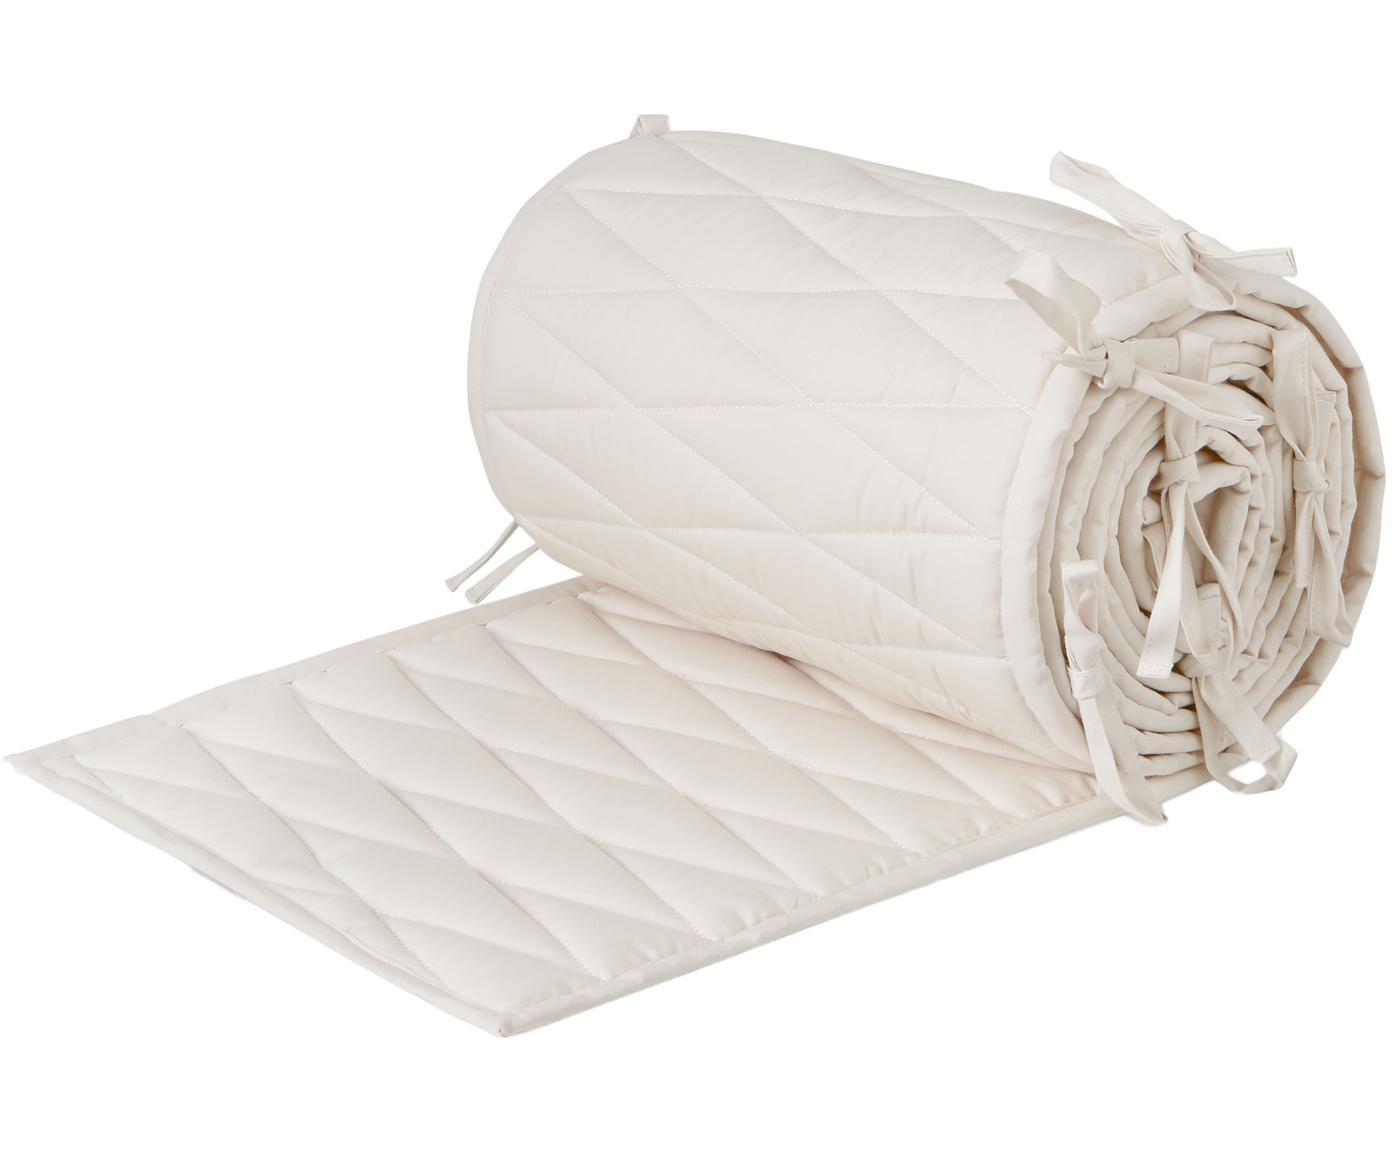 Bettnestchen Safe aus Bio-Baumwolle, Bezug: Bio-Baumwolle, Creme, 30 x 365 cm